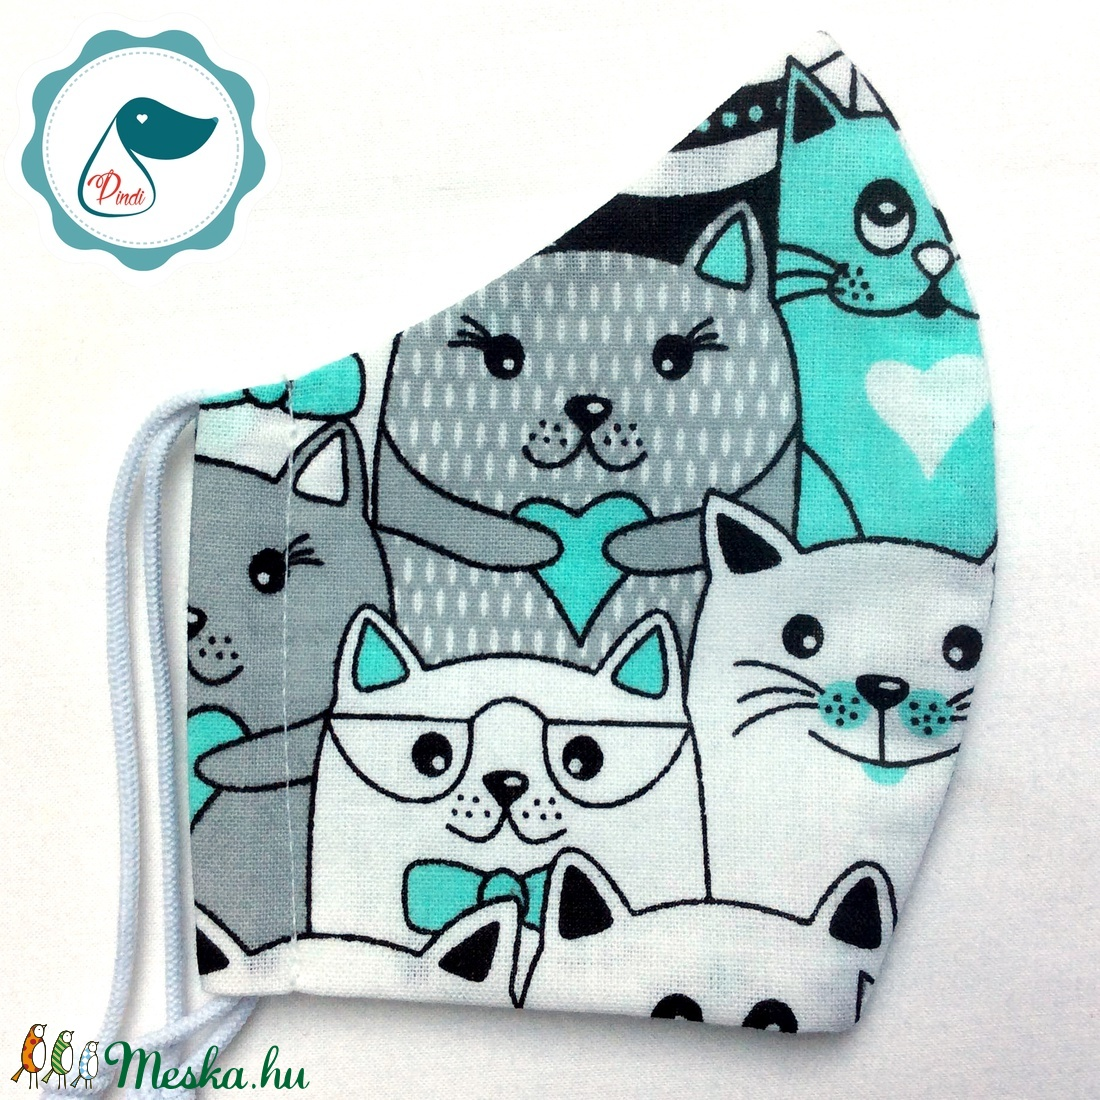 Egyedi cica mintás - kiskamasz szájmaszk - textil szájmaszk - egészségügyi szájmaszk - mosható szájmaszk - maszk, arcmaszk - gyerek - Meska.hu